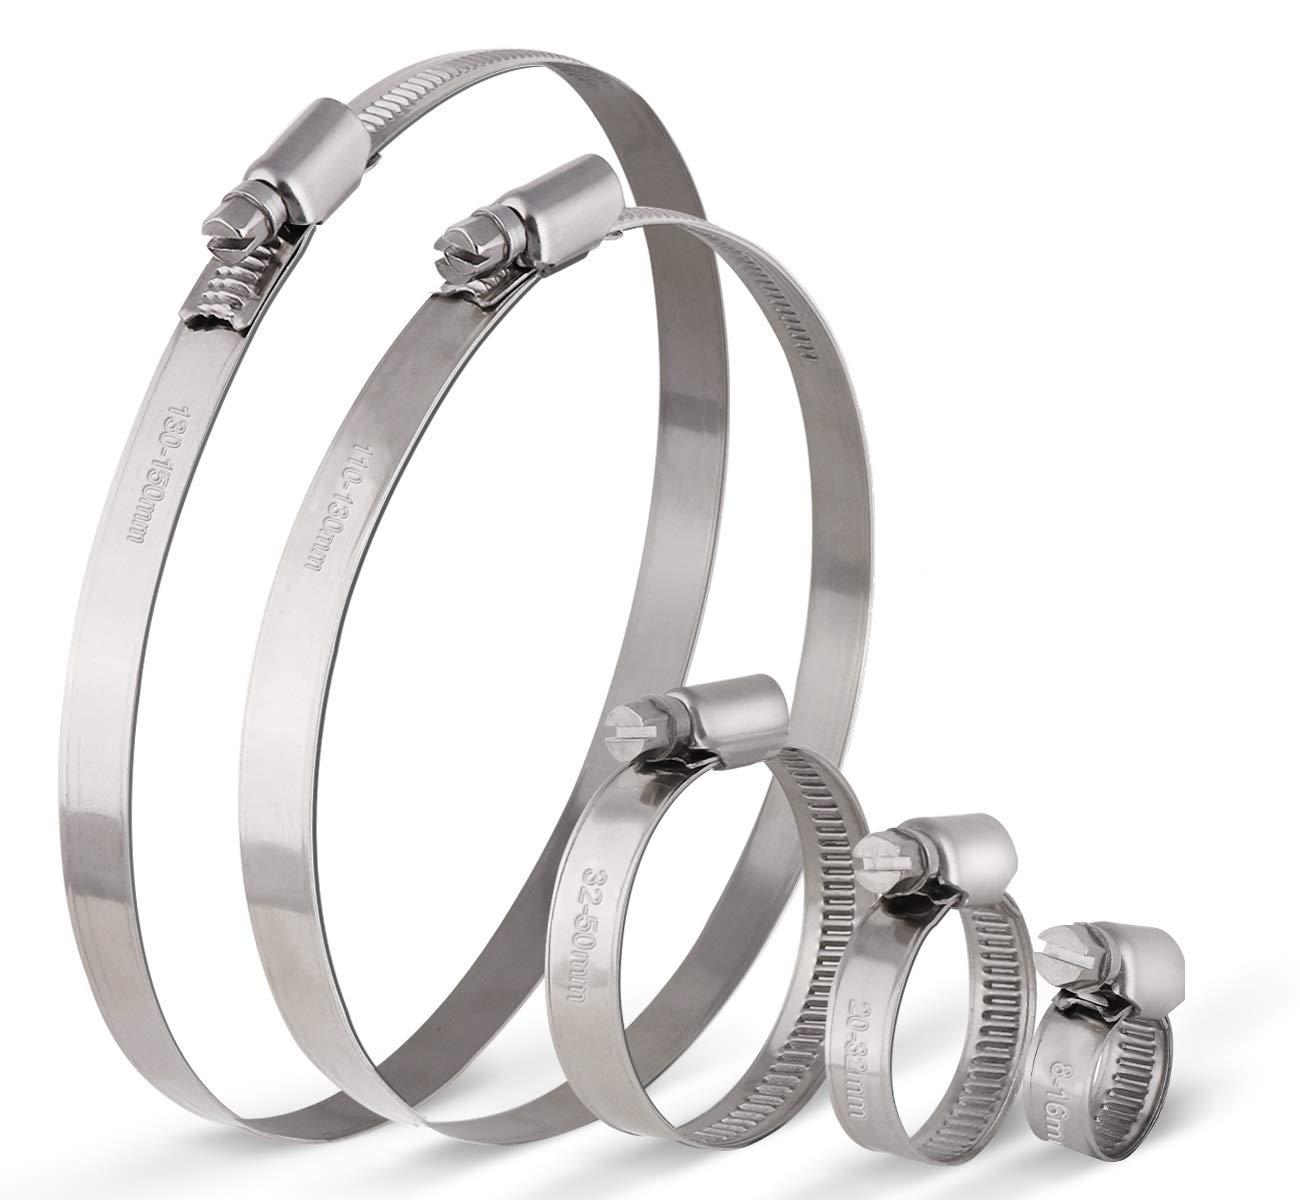 20 Pcs Collier de Serrage Ajustable en Acier Inoxydable Tuyau Pinces Clips Fixation avec 8-16mm 20-32mm 32-50mm 110-130mm 130-150mm de Cerceau Ton argent 1Plusselect